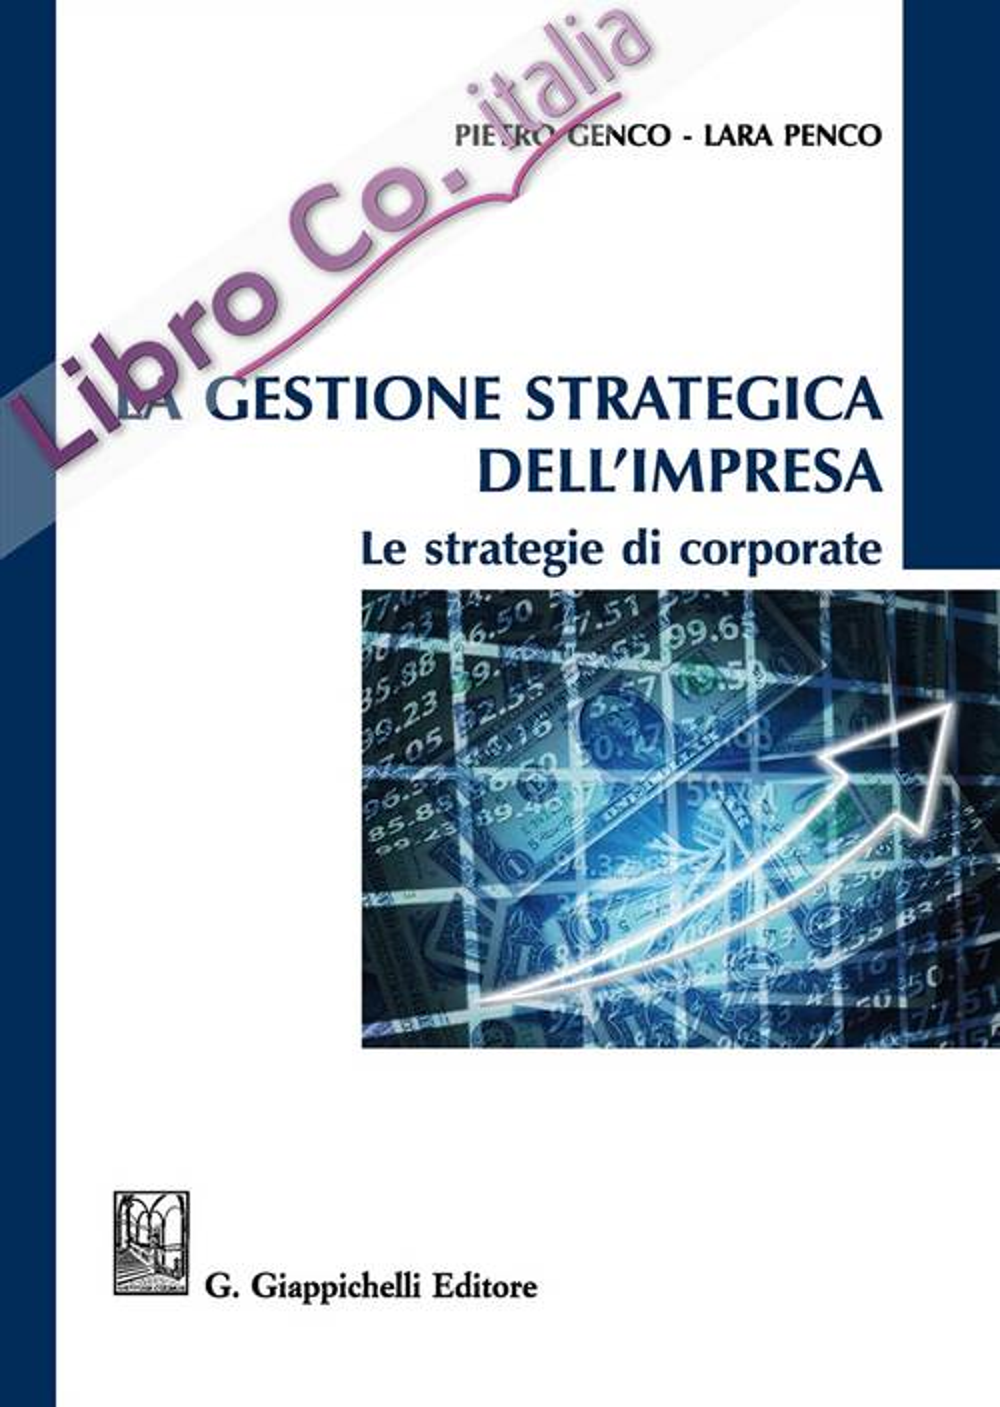 La gestione strategica dell'impresa. Le strategie di corporate